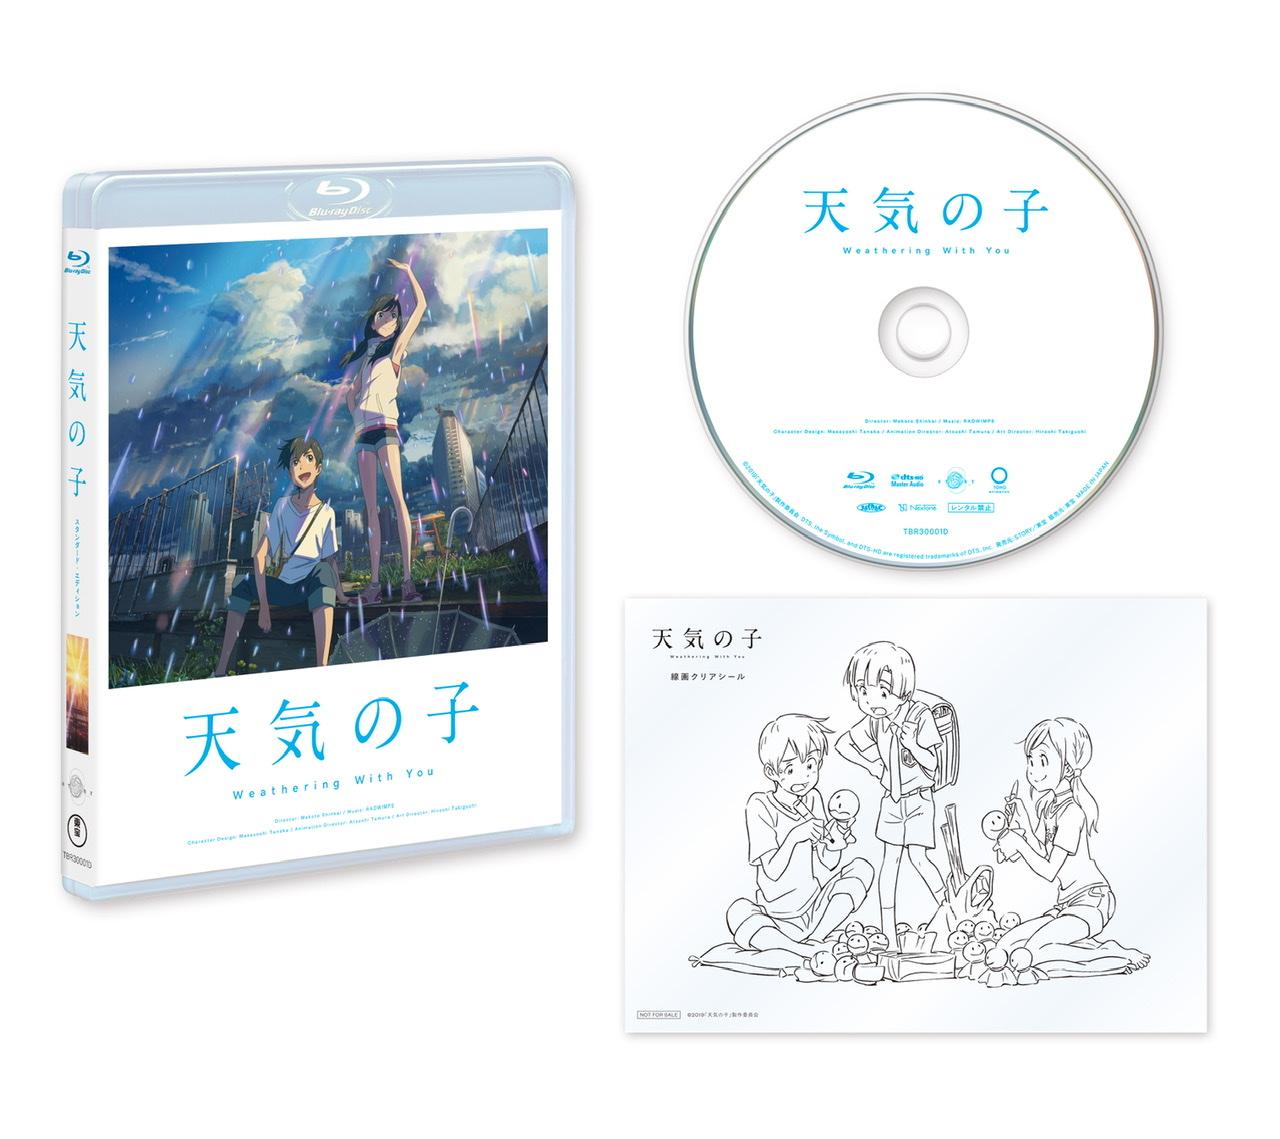 『天気の子』Blu-ray&DVDがついに発売!コレクターズ・エディションには描き下ろしイラストやビジュアルコメンタリーも収録☆_2